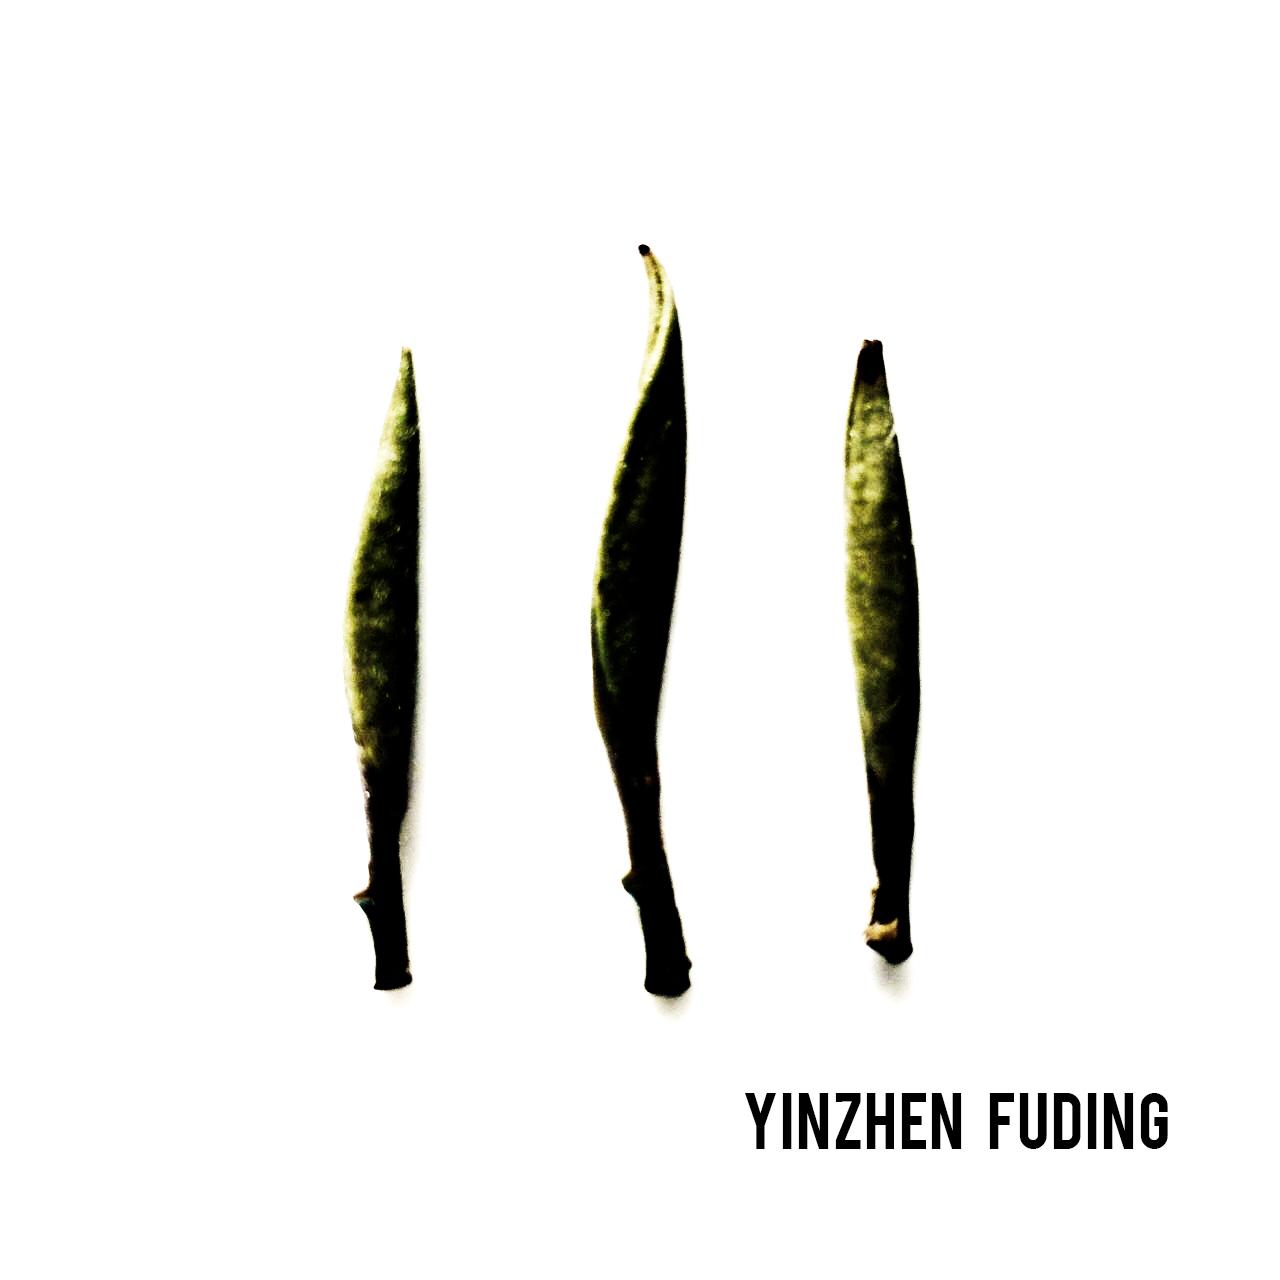 Ritratto di Yinzhen Fuding